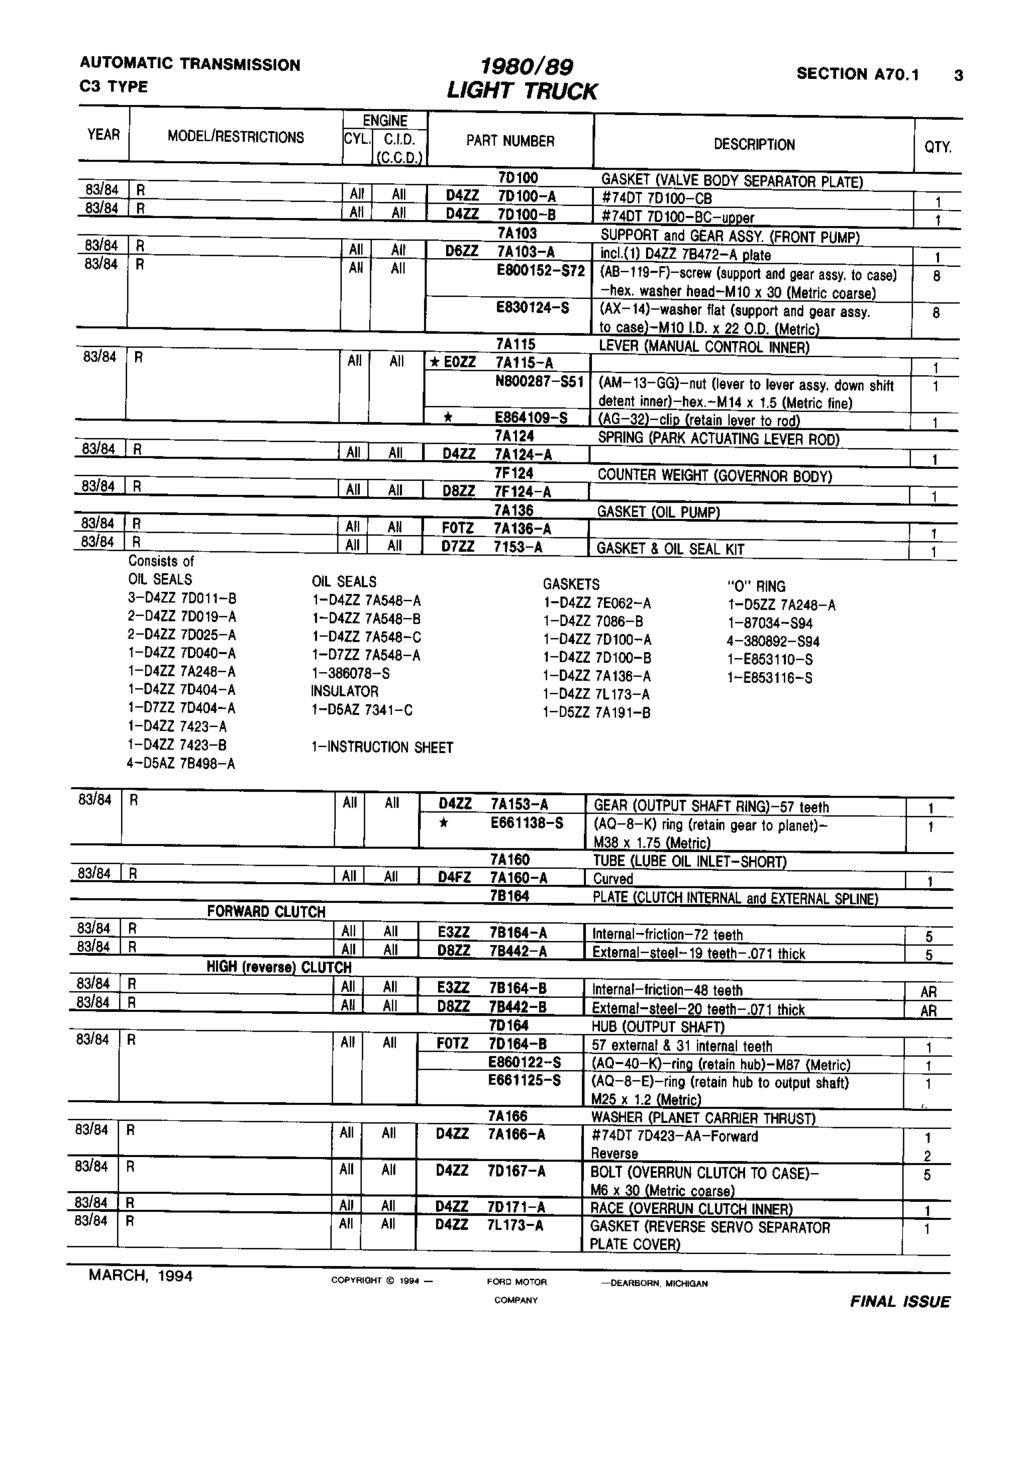 Lit Bébé Combiné Luxe Fps 8472 A Text 1980 89 Light Truck March Pdf